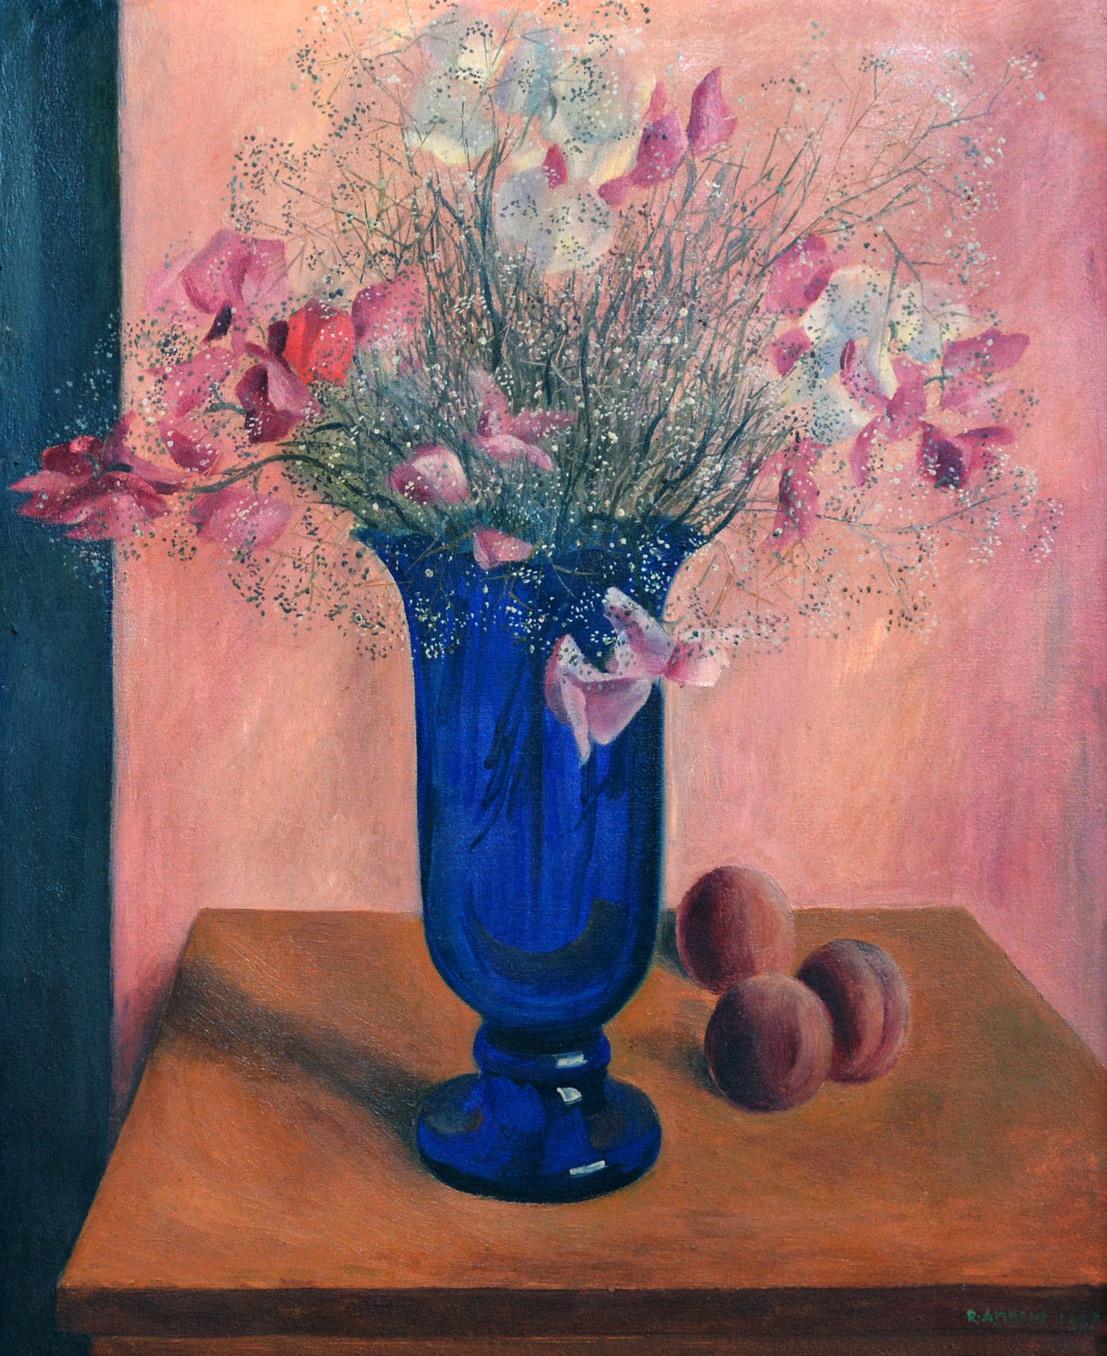 Stillleben mit Blumen in blauer Glasvase und drei Pfirsichen, 1927. Öl auf Leinwand. 61 x 50cm